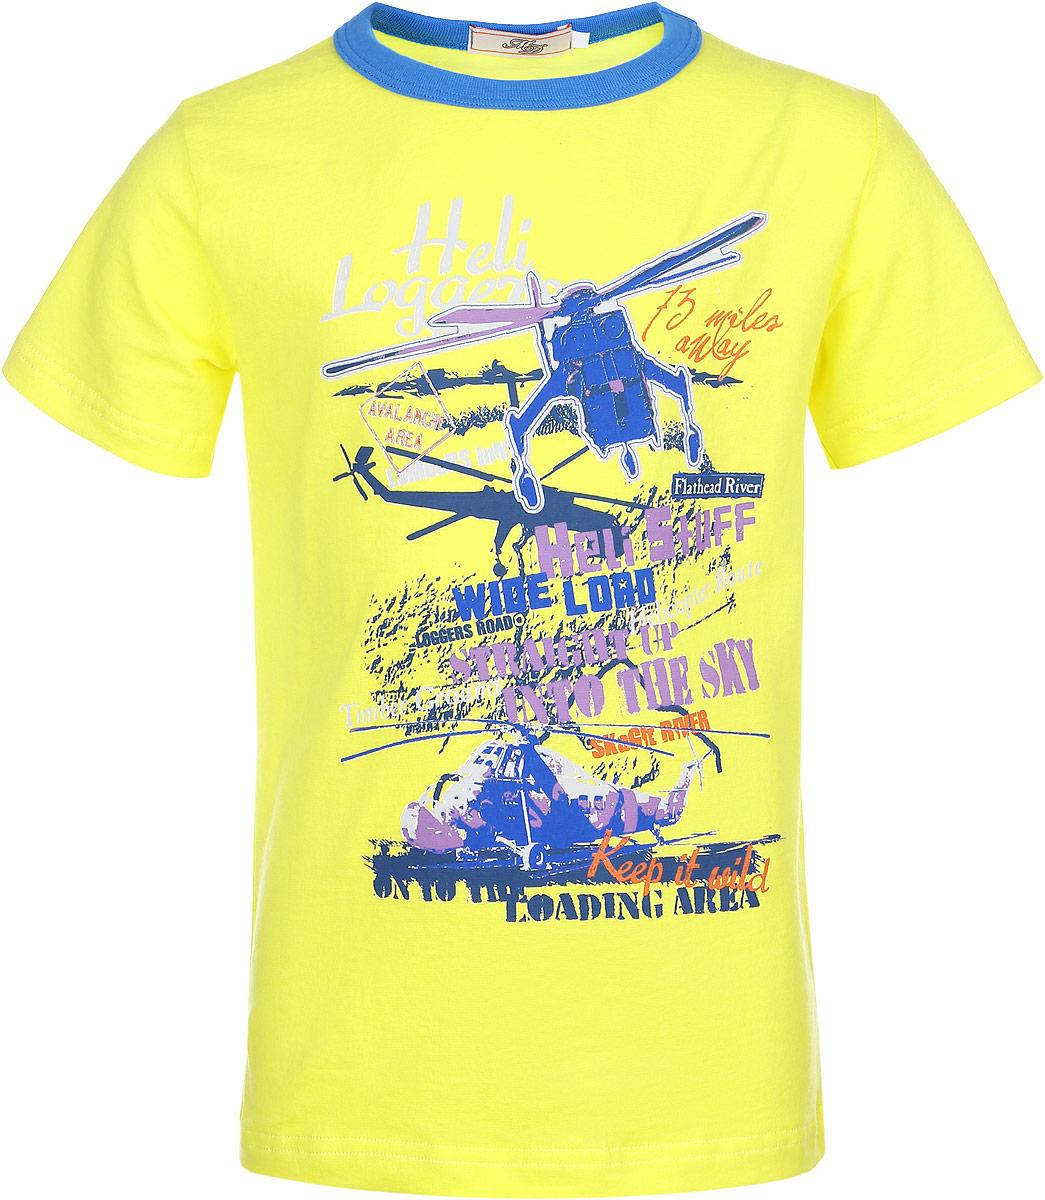 ФутболкаSSF162N30-2Модная футболка для мальчика M&D идеально подойдет вашему маленькому моднику. Изготовленная из эластичного хлопка, она необычайно мягкая и приятная на ощупь, не сковывает движения малыша и позволяет коже дышать, не раздражает даже самую нежную и чувствительную кожу ребенка, обеспечивая наибольший комфорт. Футболка с короткими рукавами оформлена оригинальным принтом с изображением вертолетов и надписей на английском языке. Оригинальный современный дизайн и модная расцветка делают эту футболку модным и стильным предметом детского гардероба. В ней ваш малыш будет чувствовать себя уютно и комфортно и всегда будет в центре внимания!